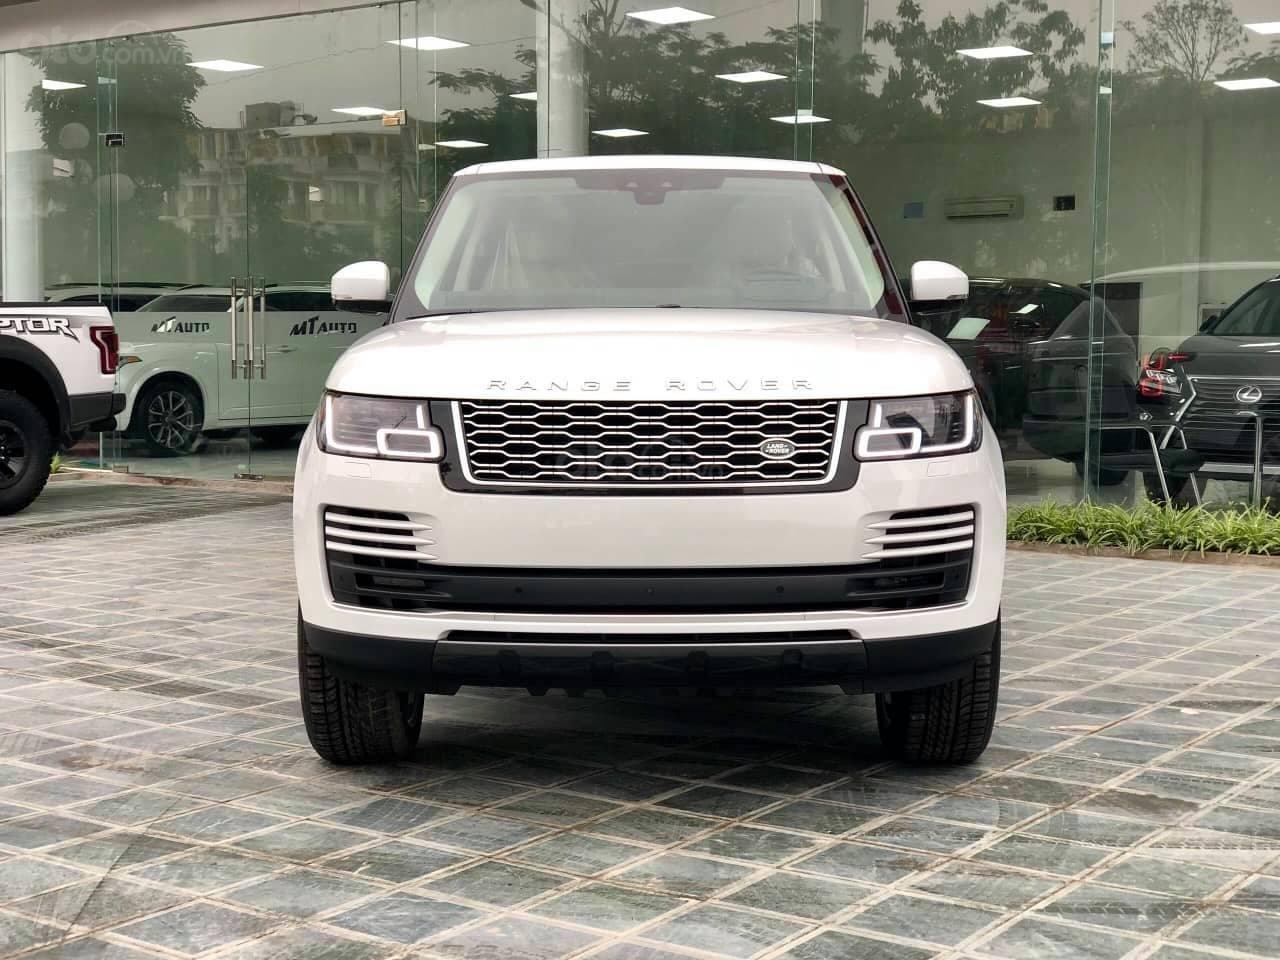 Bán LandRover Range Rover HSE 3.0 2018, màu trắng, nhập khẩu Mỹ - LH: 0982.84.2838-1